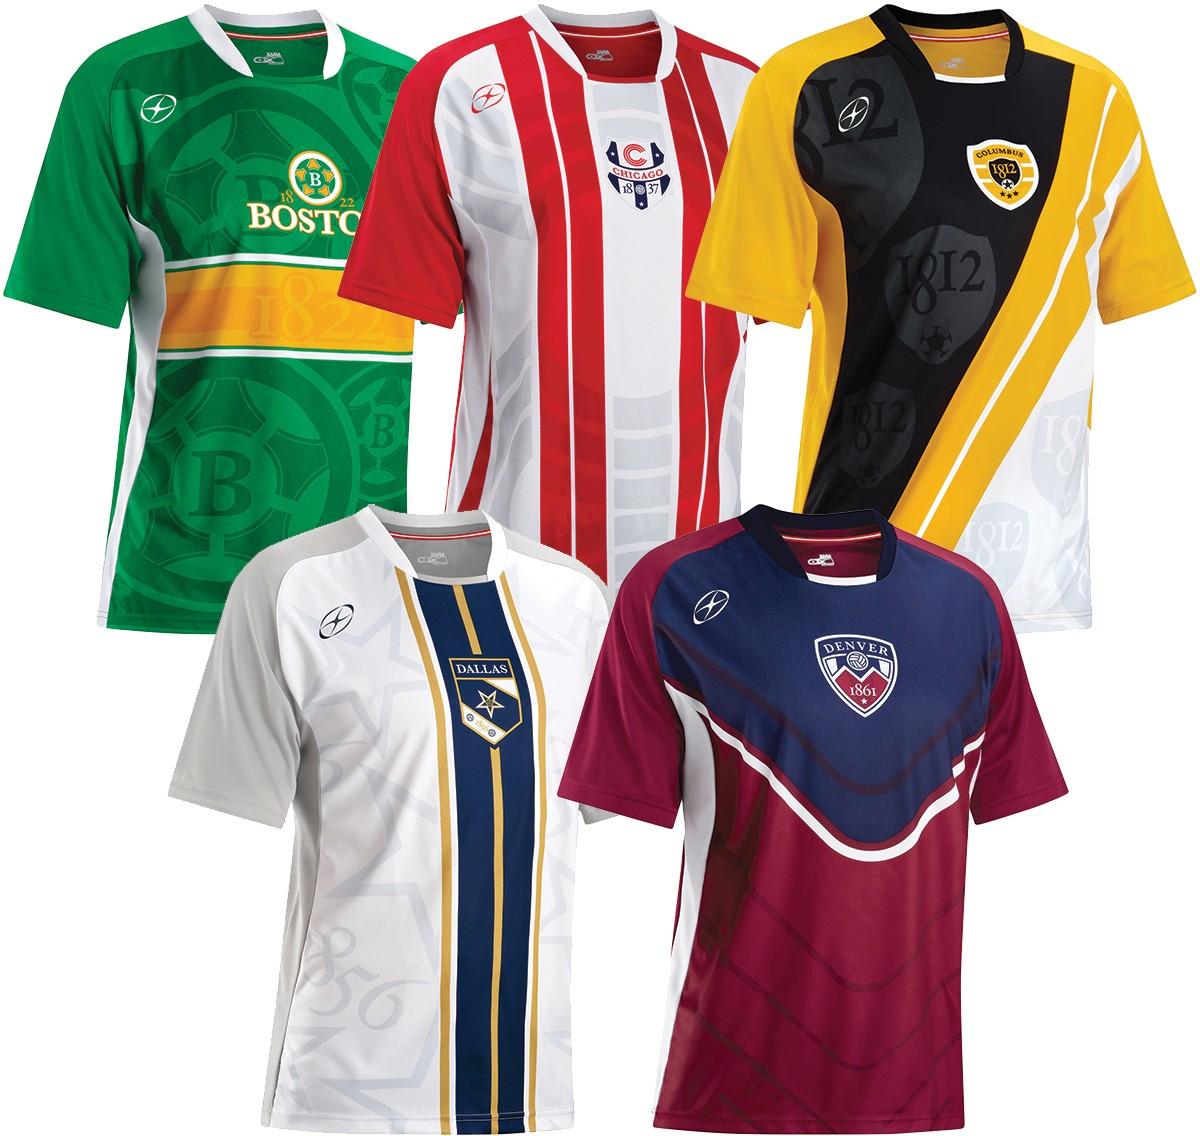 8fc117a72 Xara City Series Soccer Jersey - A11-386